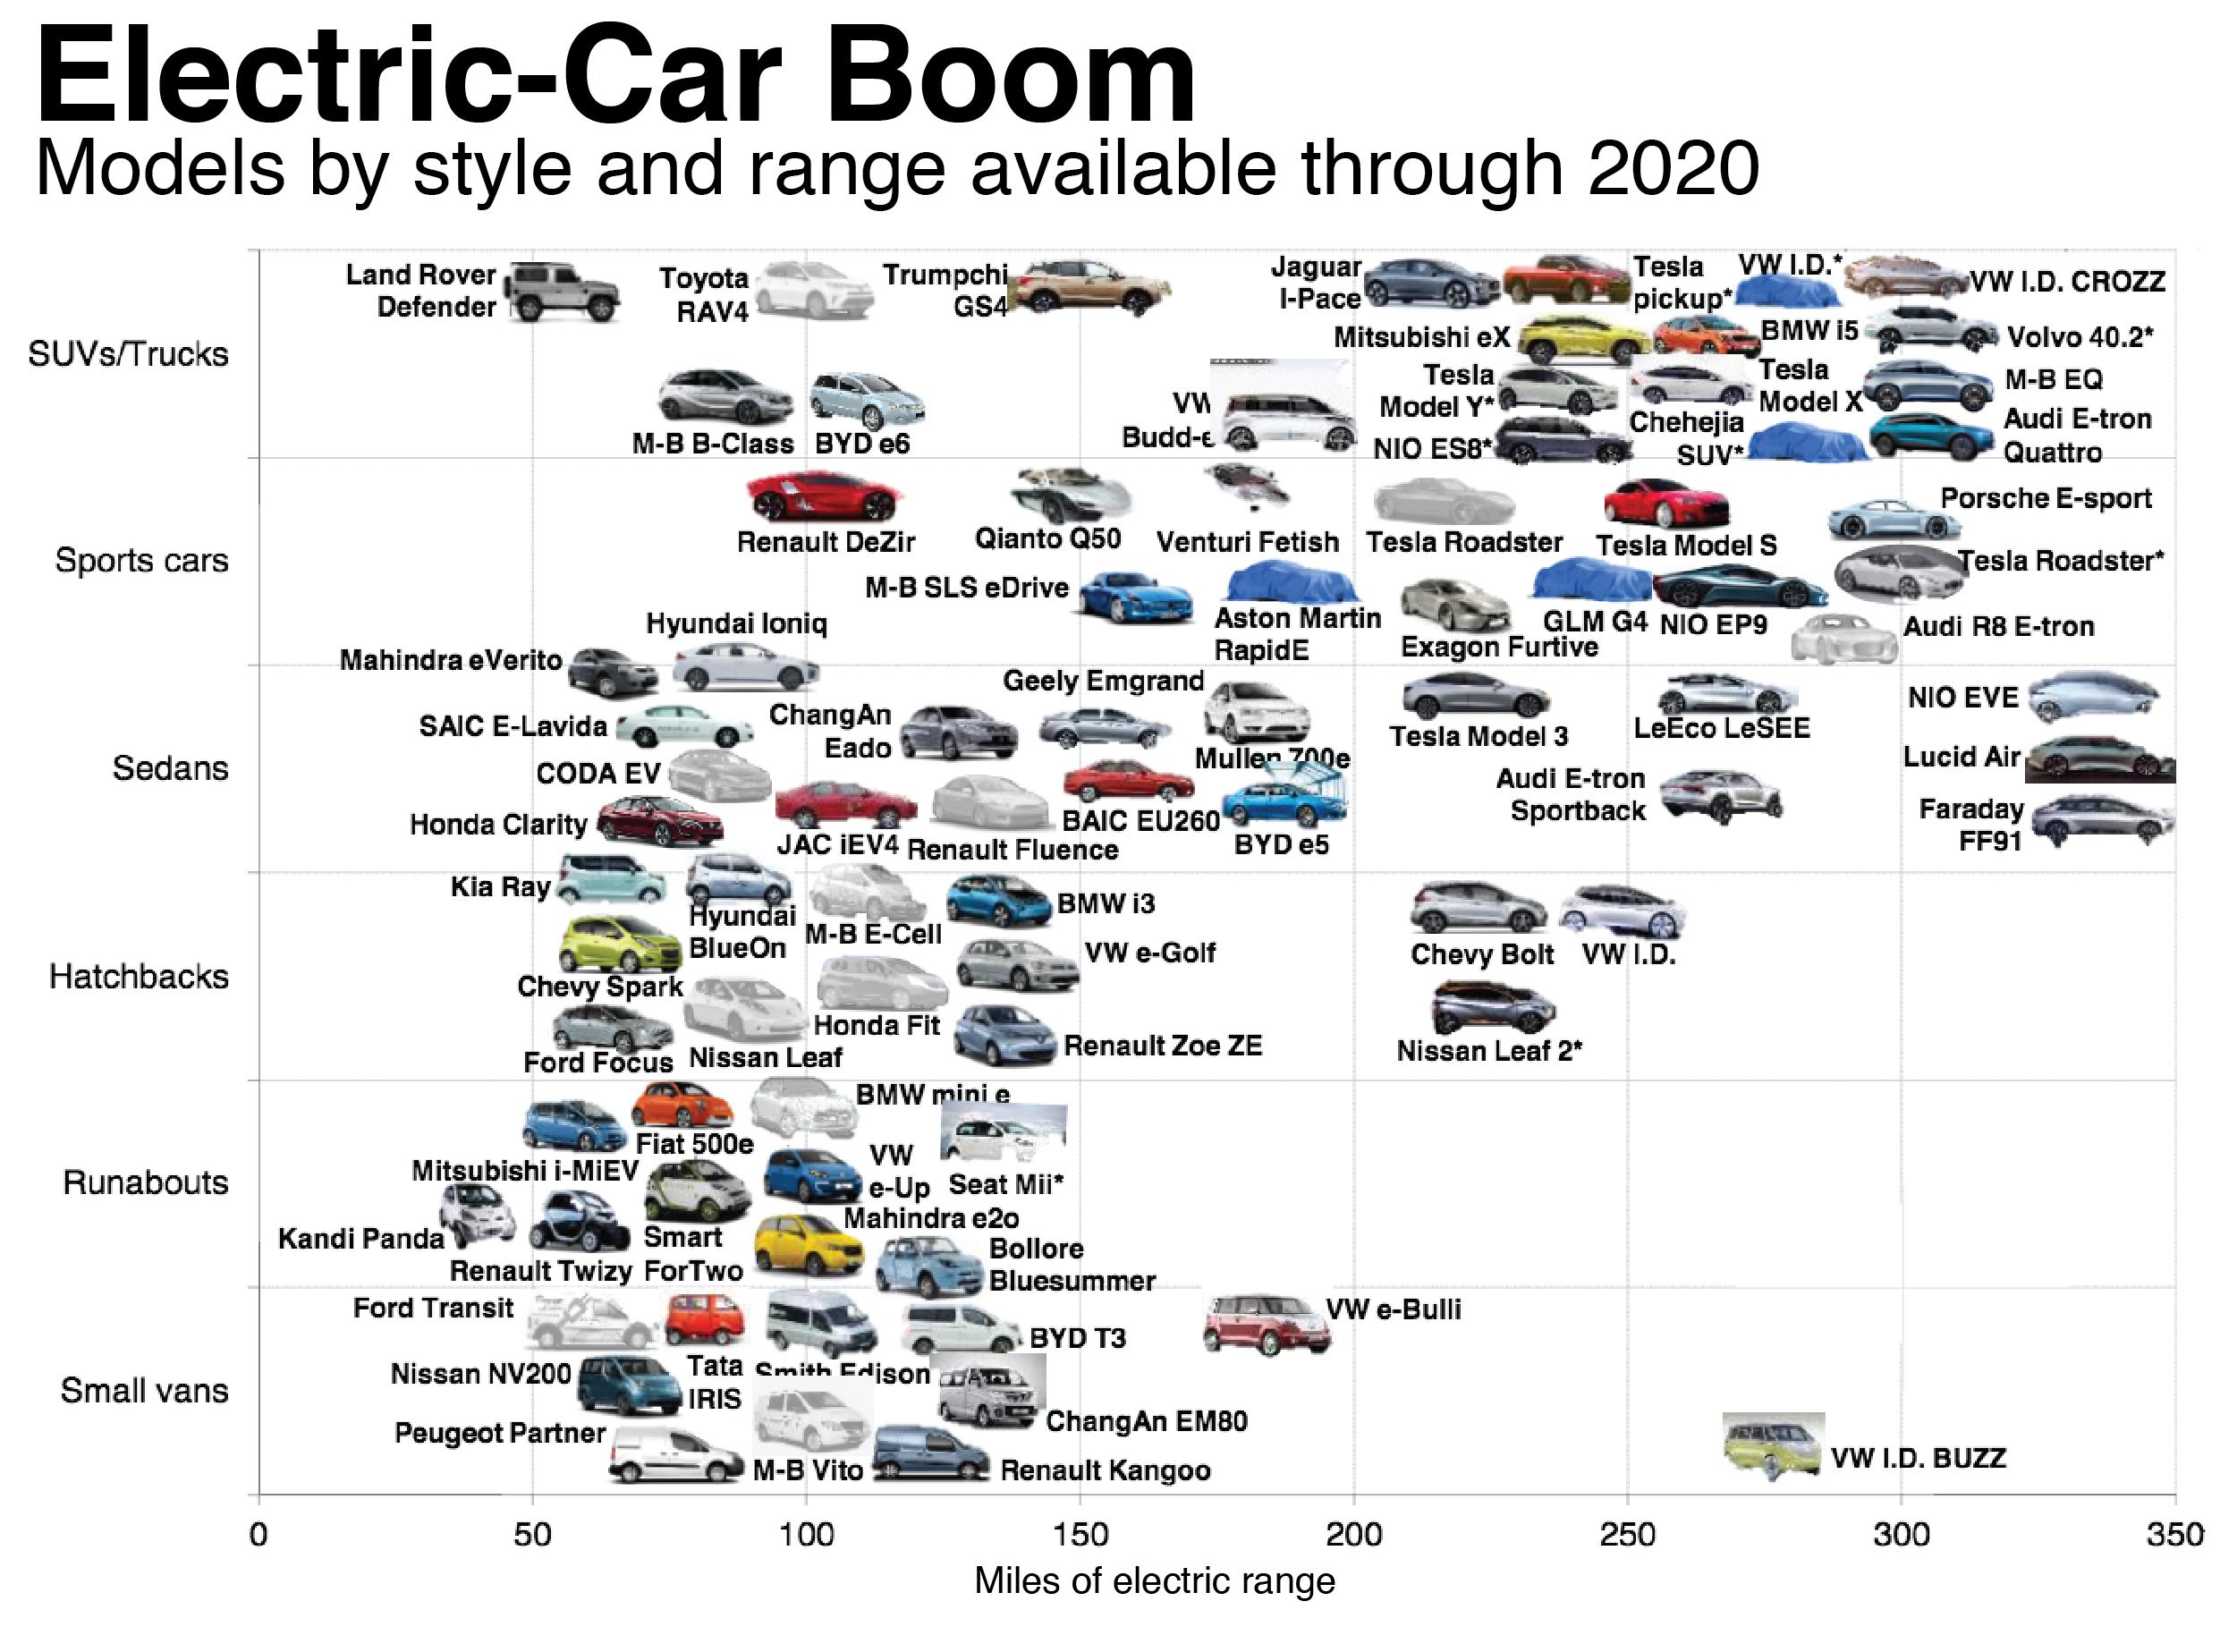 Через 20-25 лет около половины всех новых автотранспортных средств, продаваемых на мировом рынке, будет представлена электромобилями